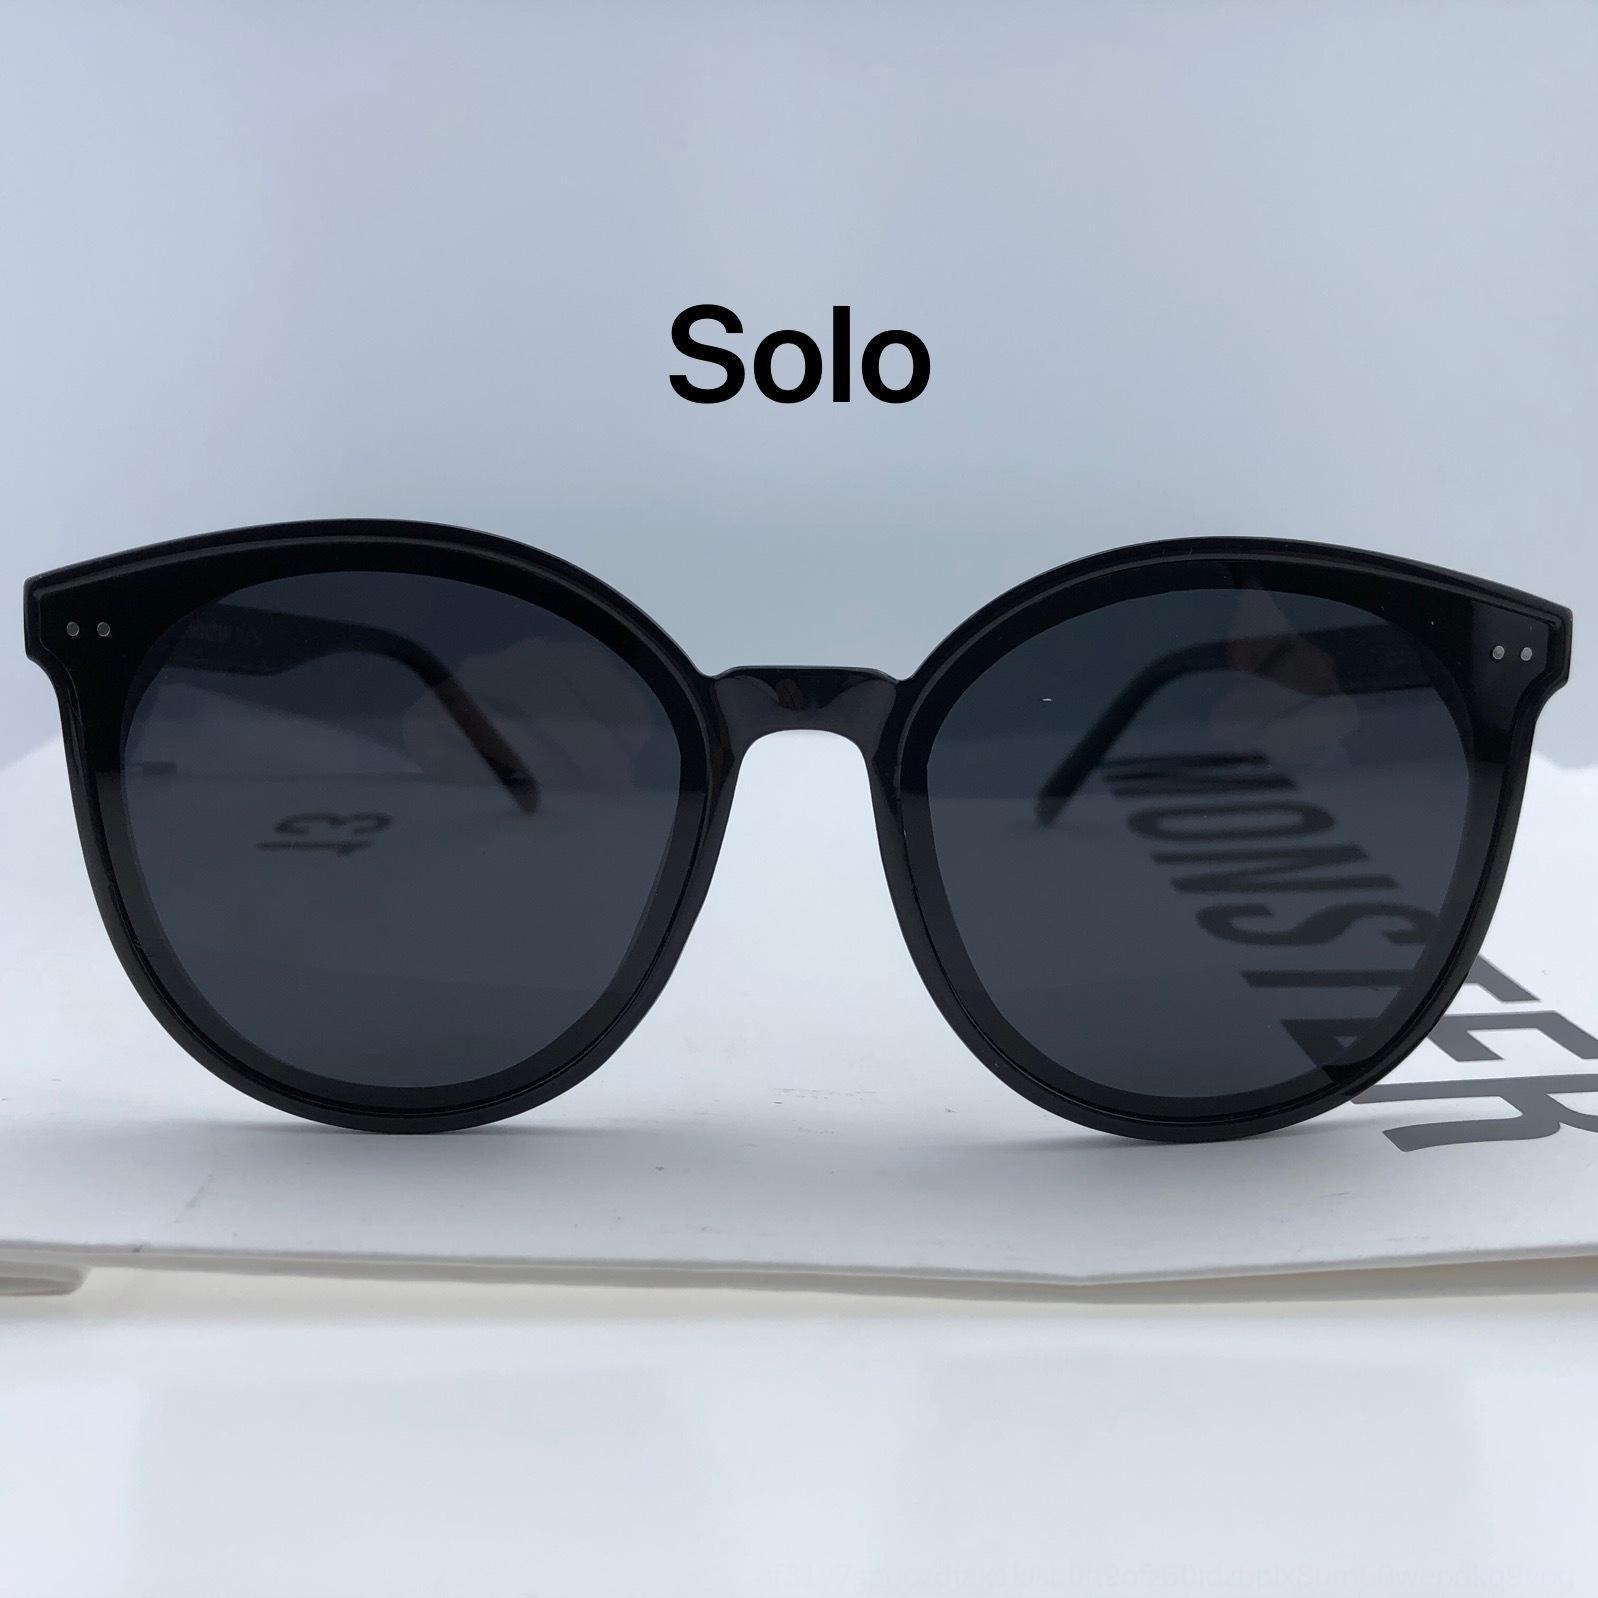 4dsgK 2020 GM nuovo polarizzato Sun Sun Qi Wei occhiali da sole stessa V-marca per i grandi occhiali da sole faccia dimagranti le donne di stile coreano